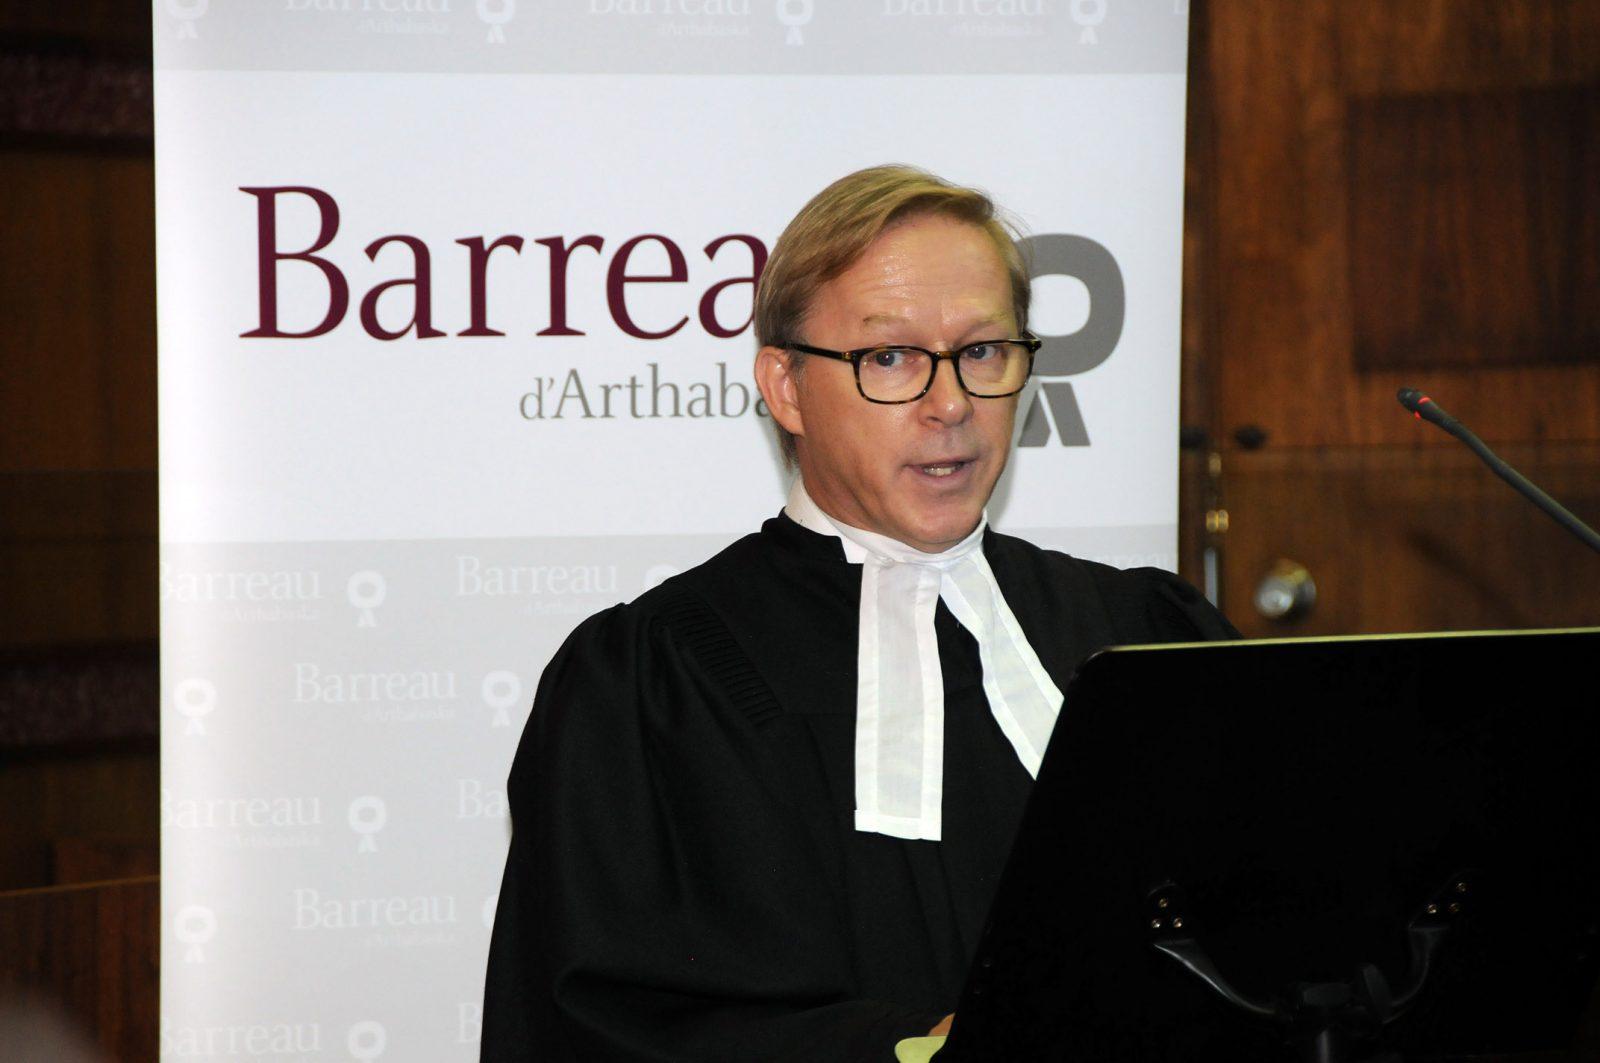 DPJ : le Barreau d'Arthabaska veut faire la différence